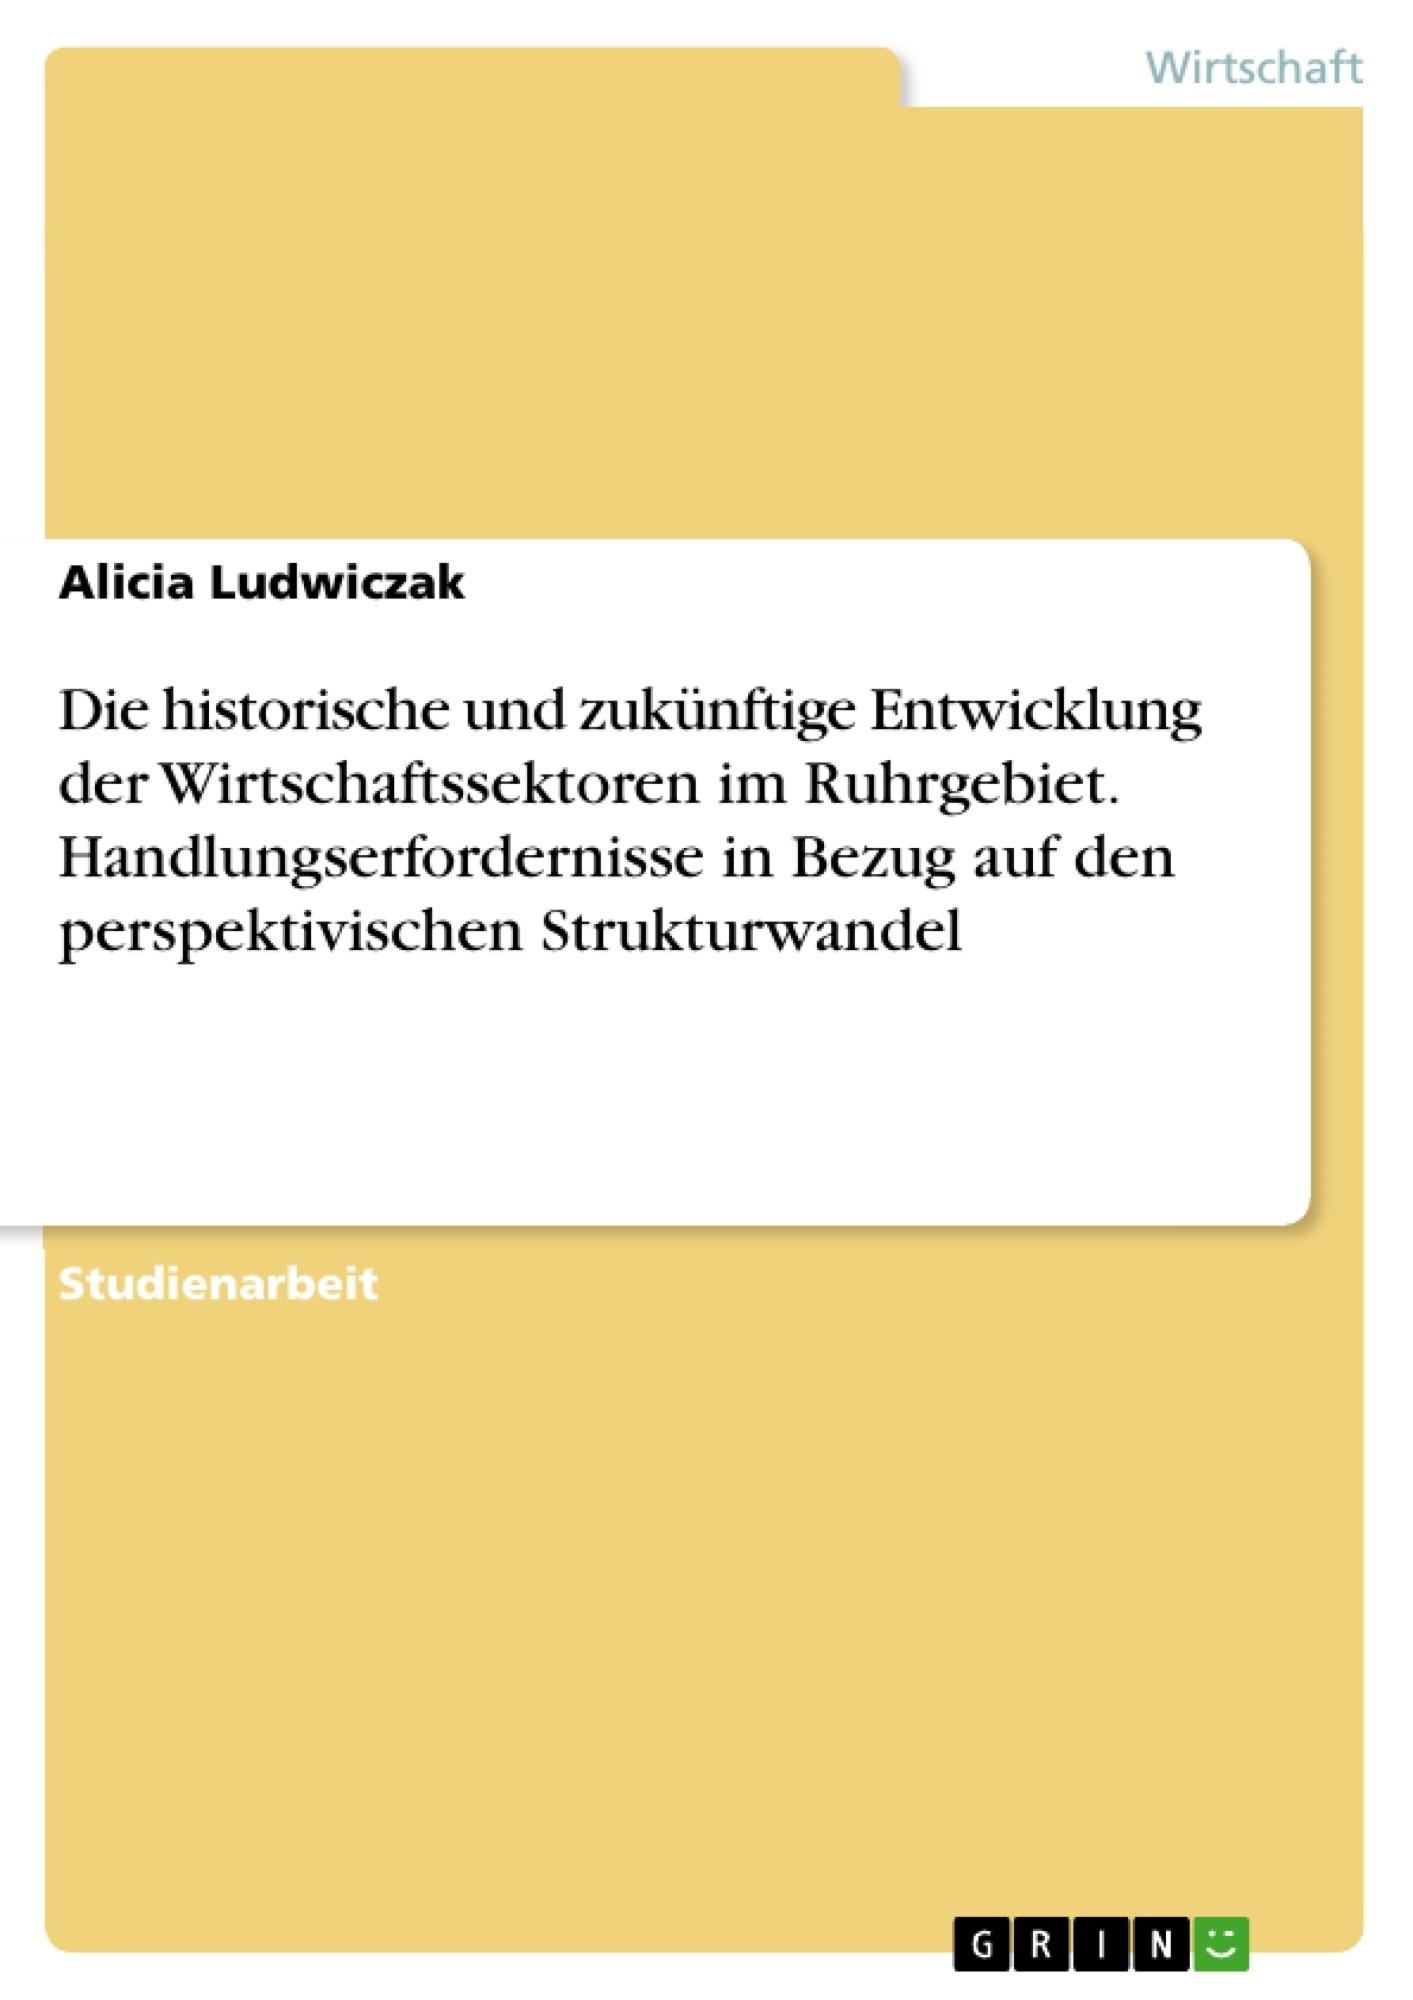 Titel: Die historische und zukünftige Entwicklung der Wirtschaftssektoren im Ruhrgebiet. Handlungserfordernisse in Bezug auf den perspektivischen Strukturwandel